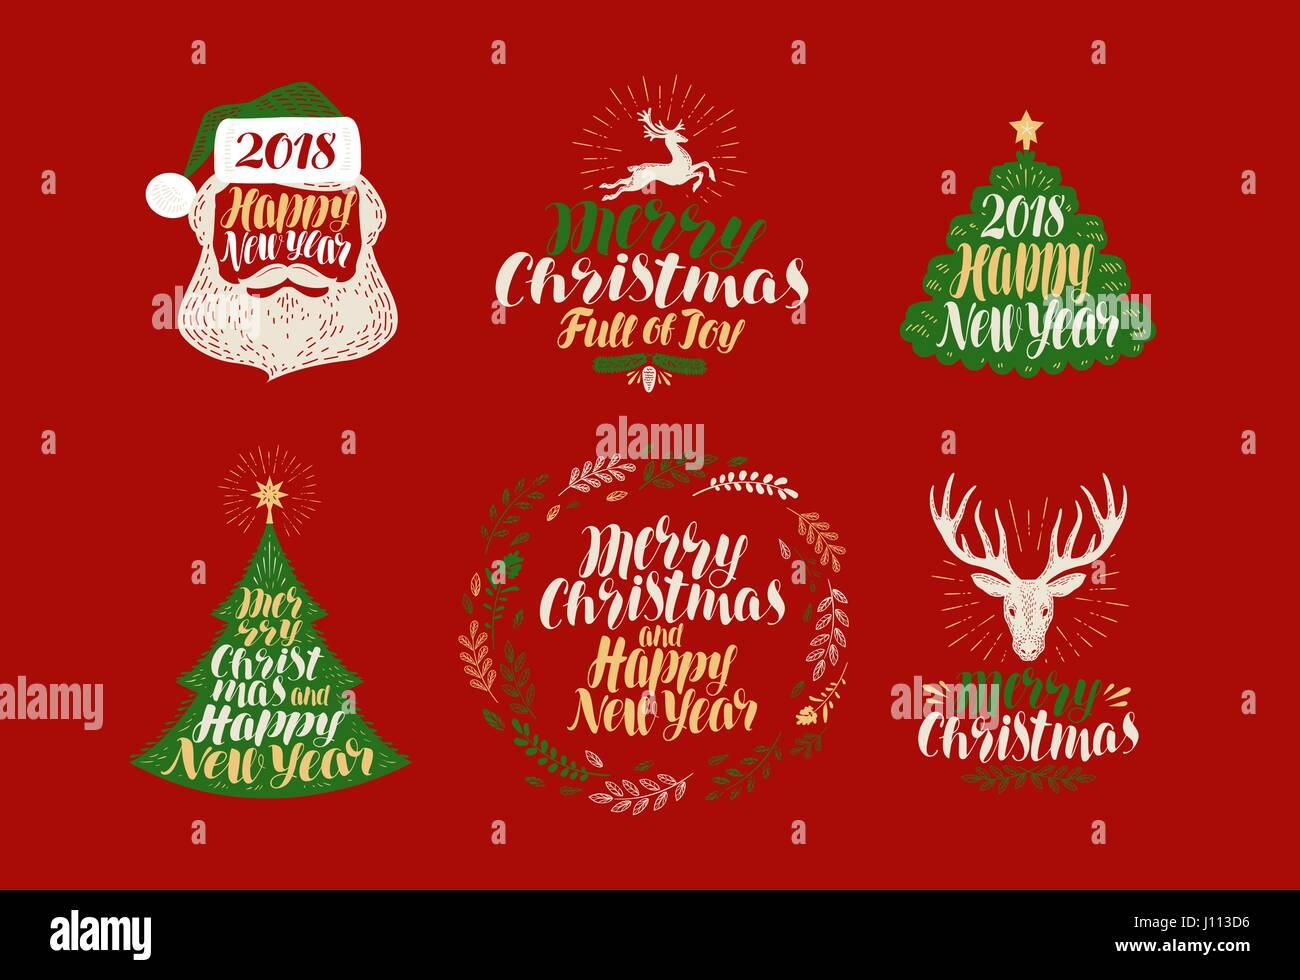 Frohe Weihnachten Und Happy New Year.Frohe Weihnachten Und Happy New Year Beschriftungssatz Xmas